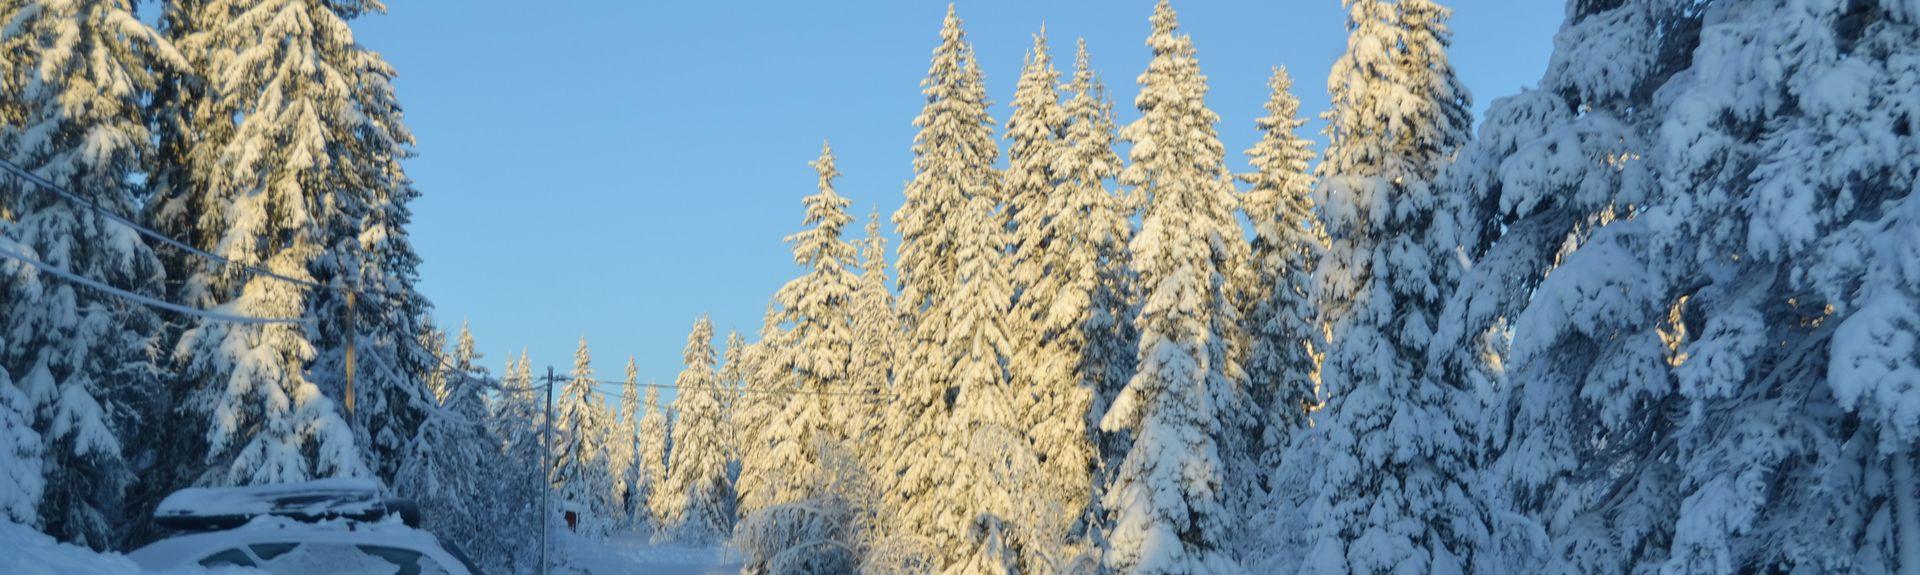 Älvdalen, Dalarnas län, Sverige